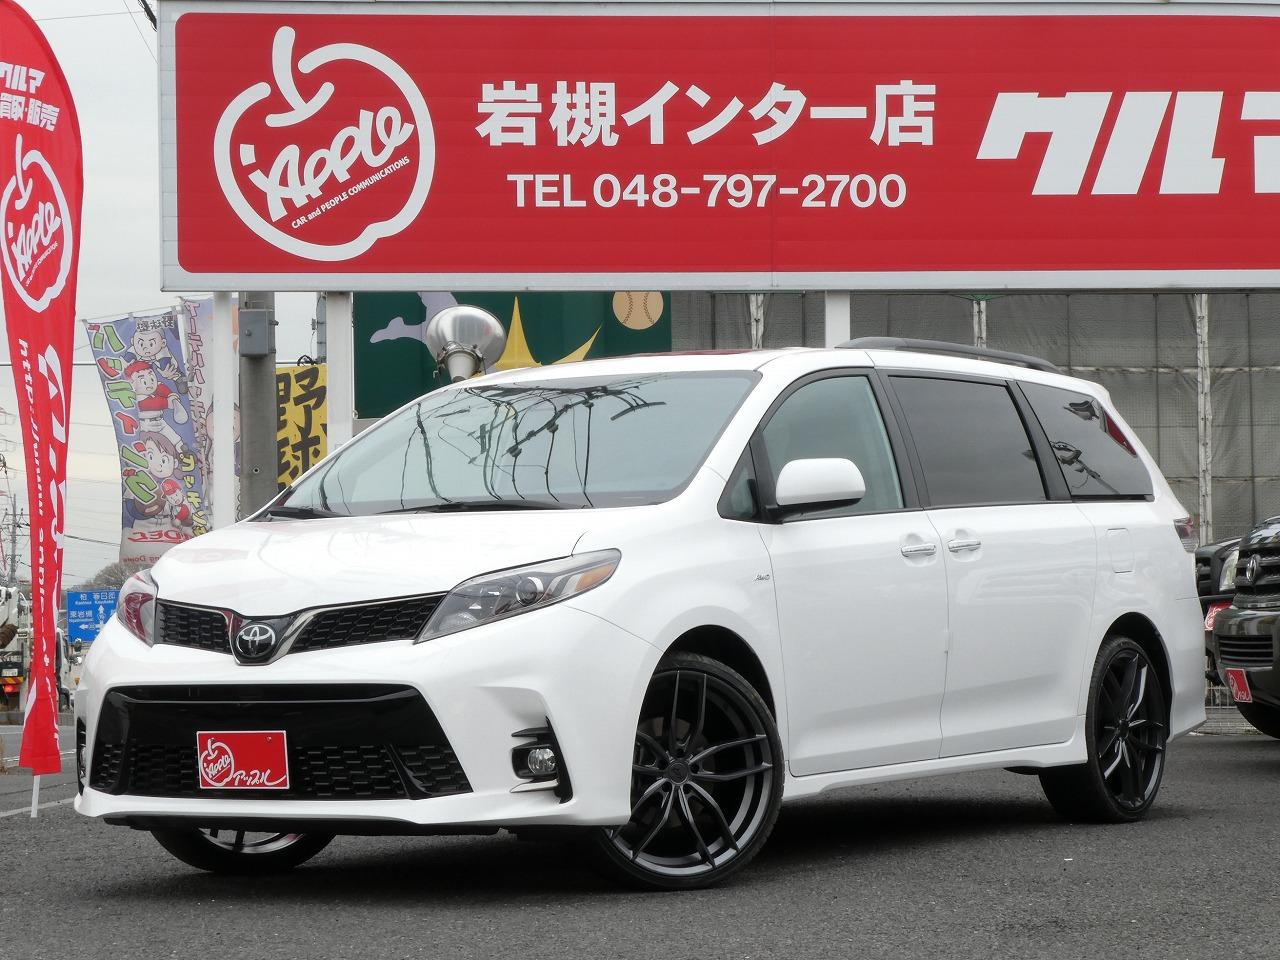 2019 シエナ 新車 輸入車 SE ミニバン キャンプ アウトドア ファミリーカー アメ車 4WD 4駆